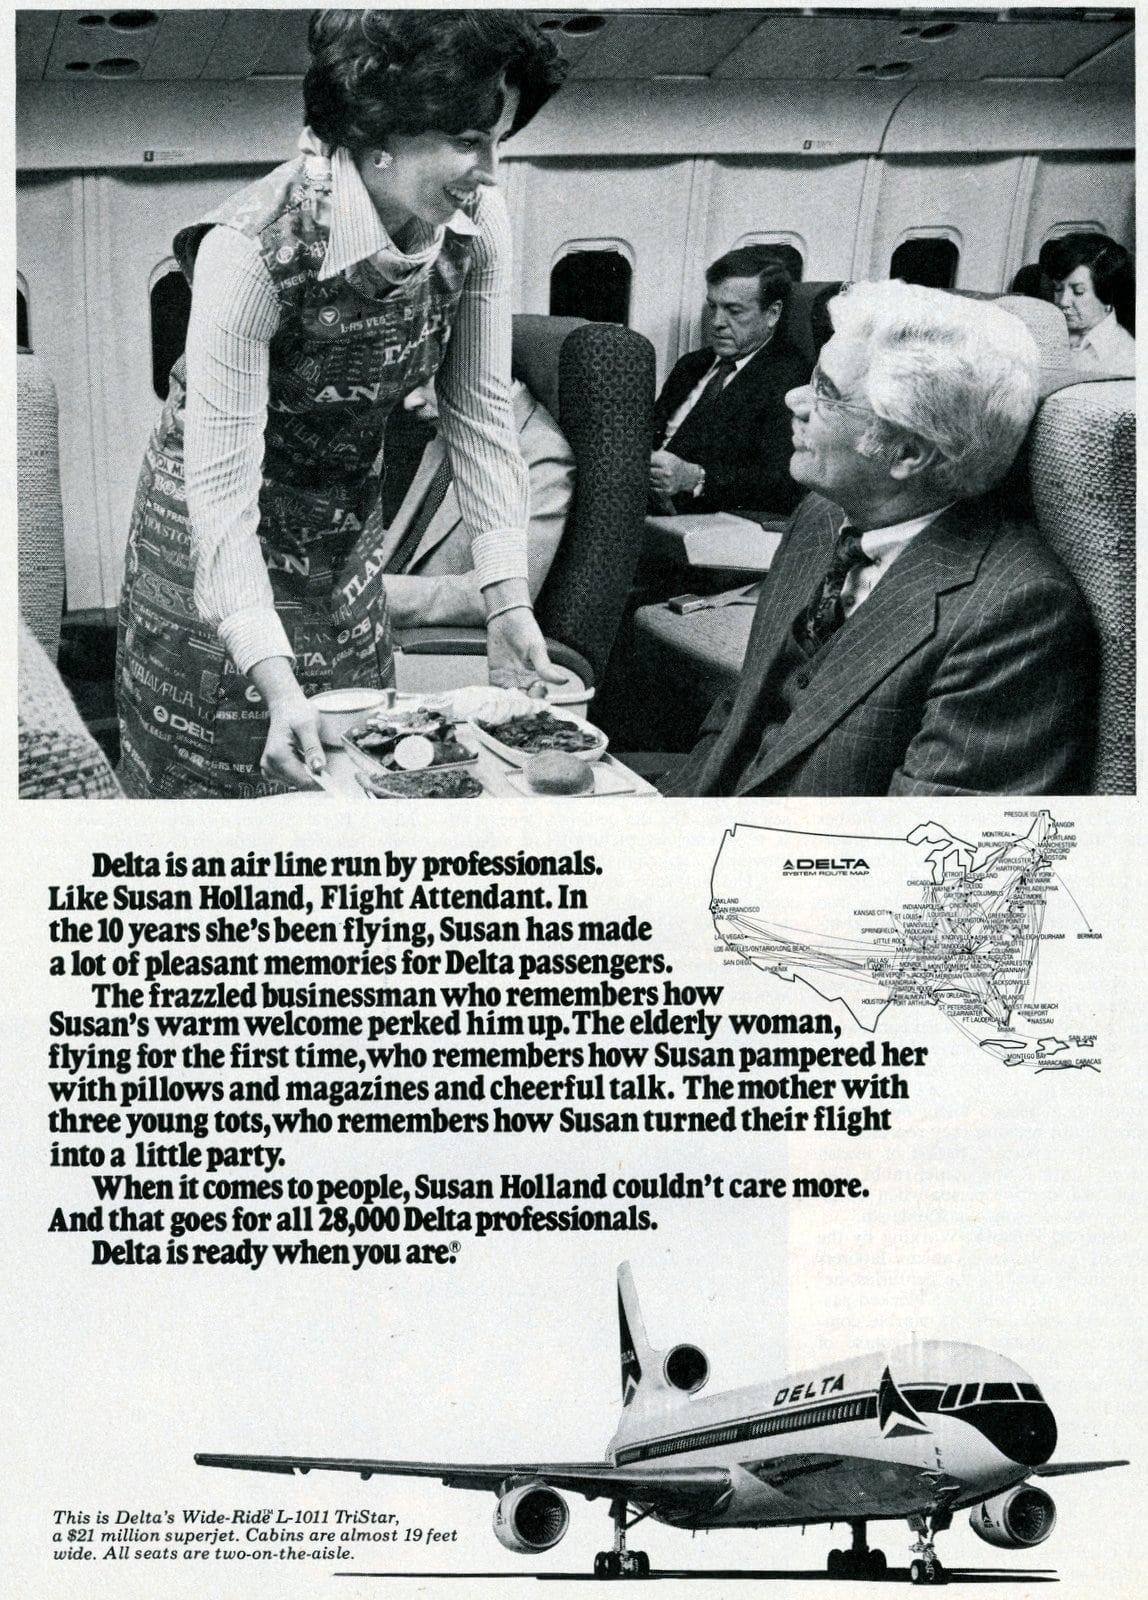 Delta Airlines - Susan Holland, flight attendant (1977)